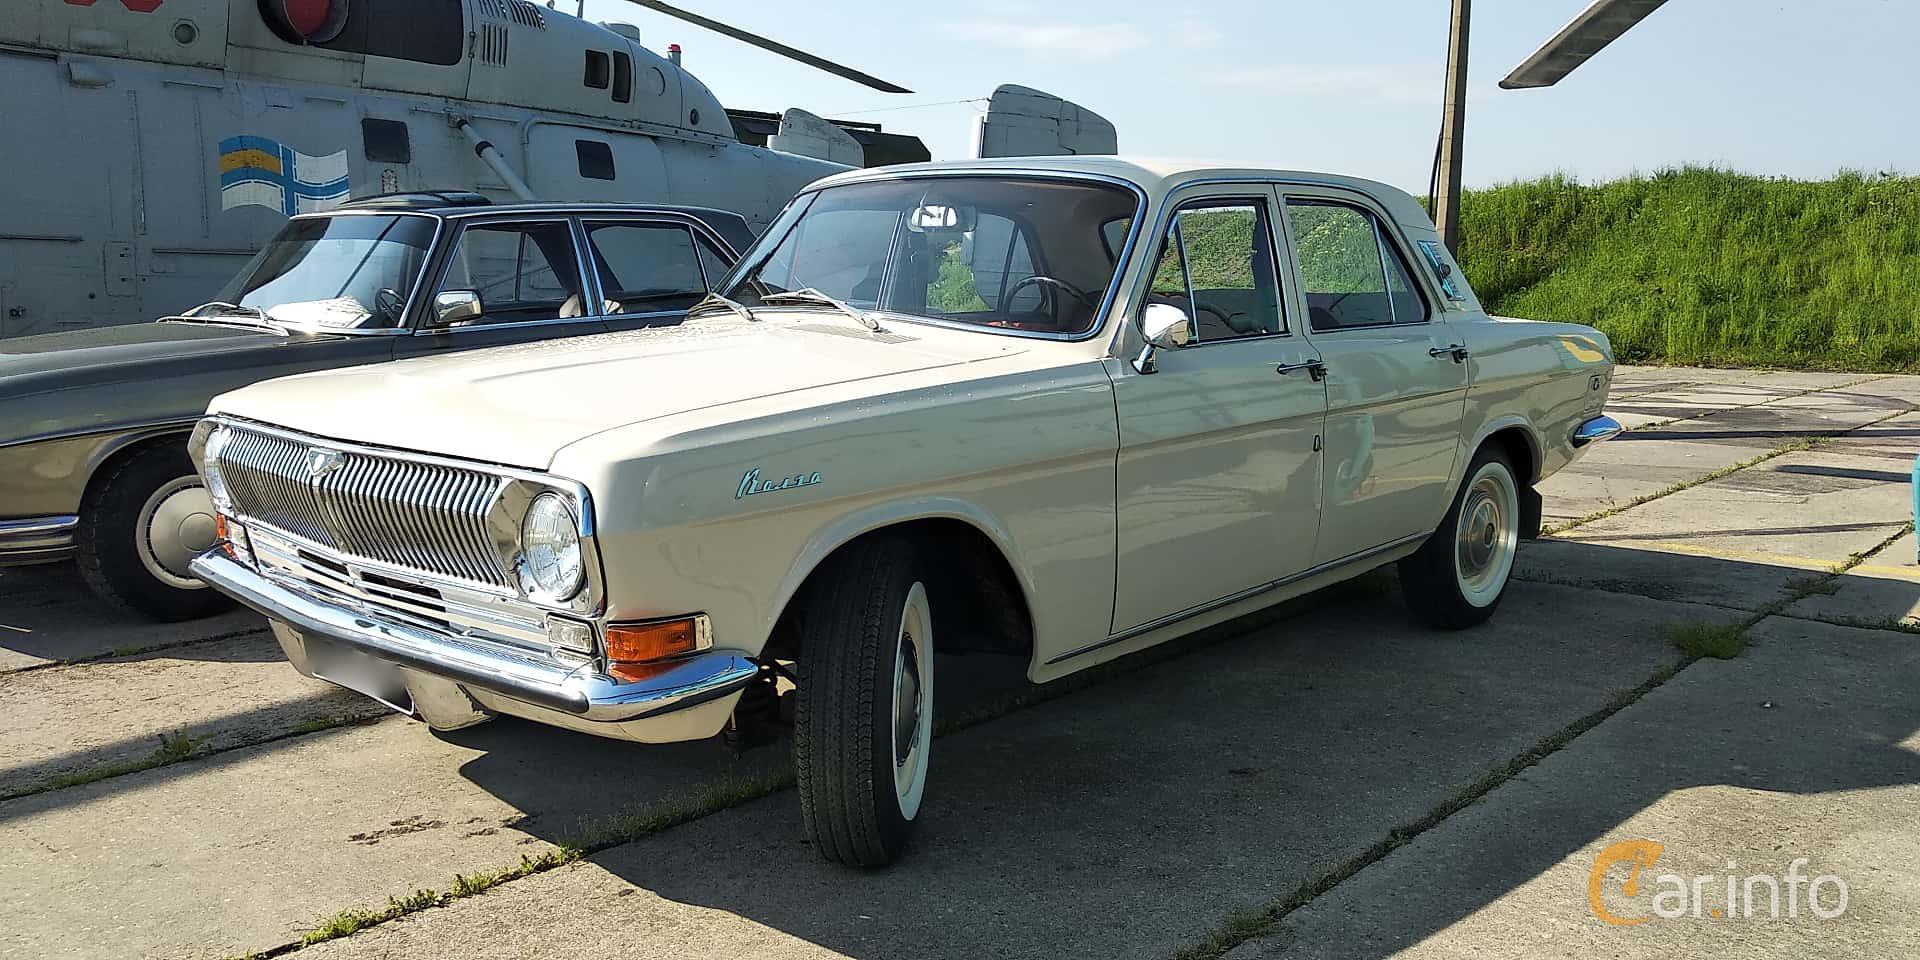 GAZ 24 Volga 2.4 Manual, 95hp, 1970 at Old Car Land no.1 2019